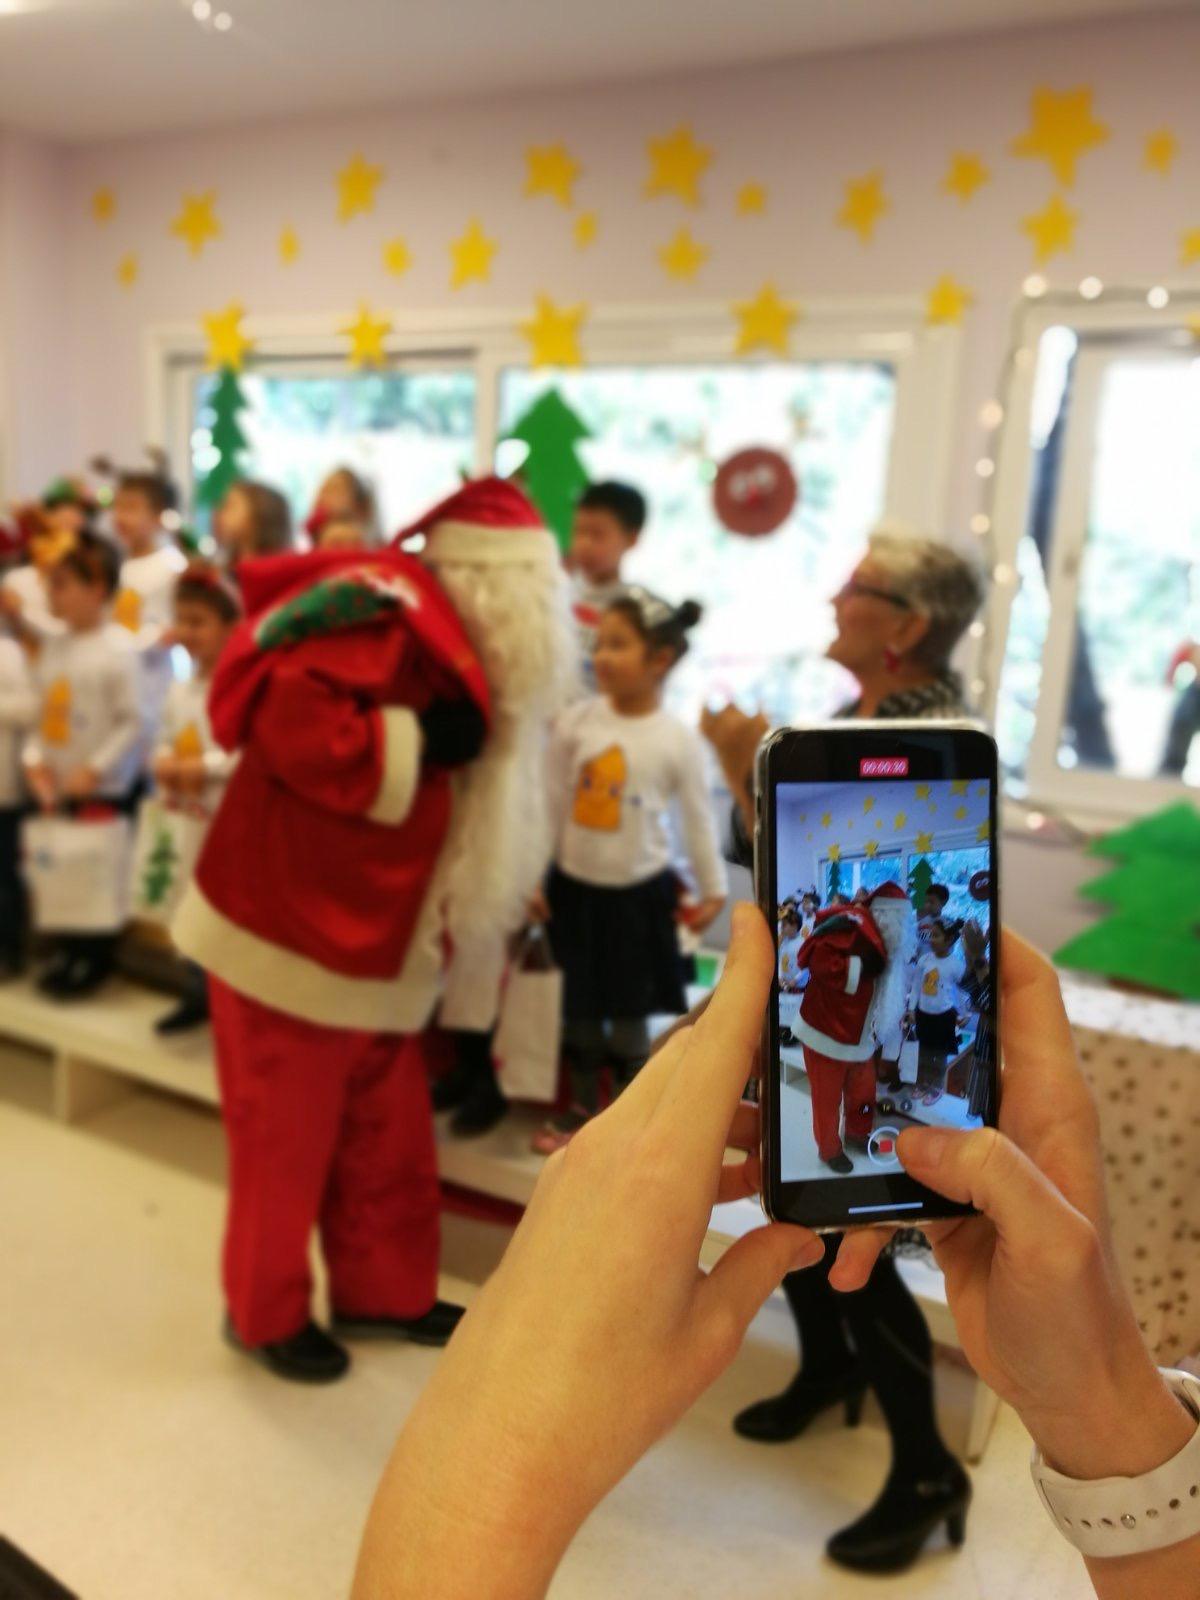 Χριστουγεννιάτικη συναυλία από την μουσική ορχήστρα του playland